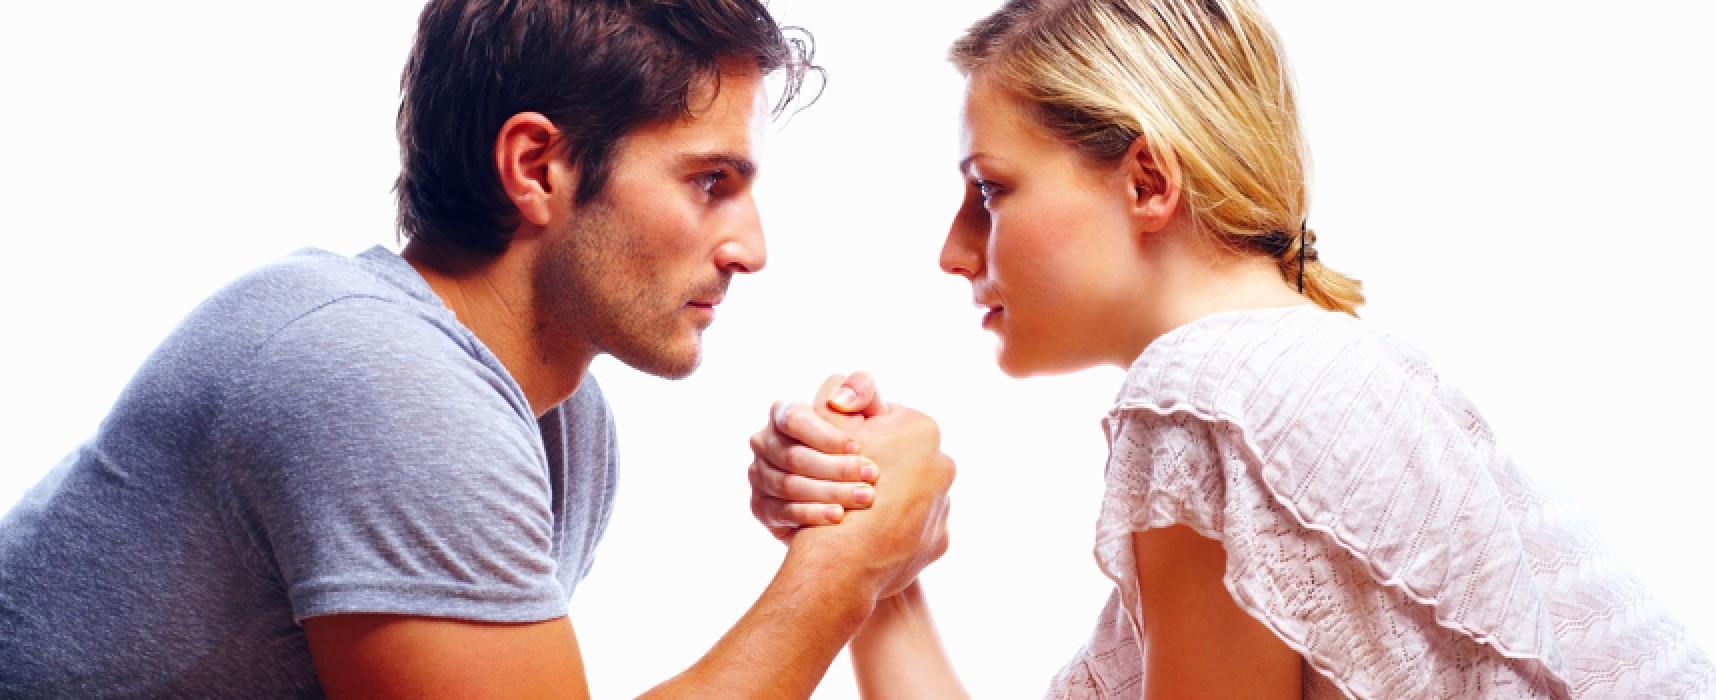 """""""L'amore è un gioco a due. Giusto esprimere i nostri bisogni all'altro"""", rubrica della dott.ssa Renata Rana"""